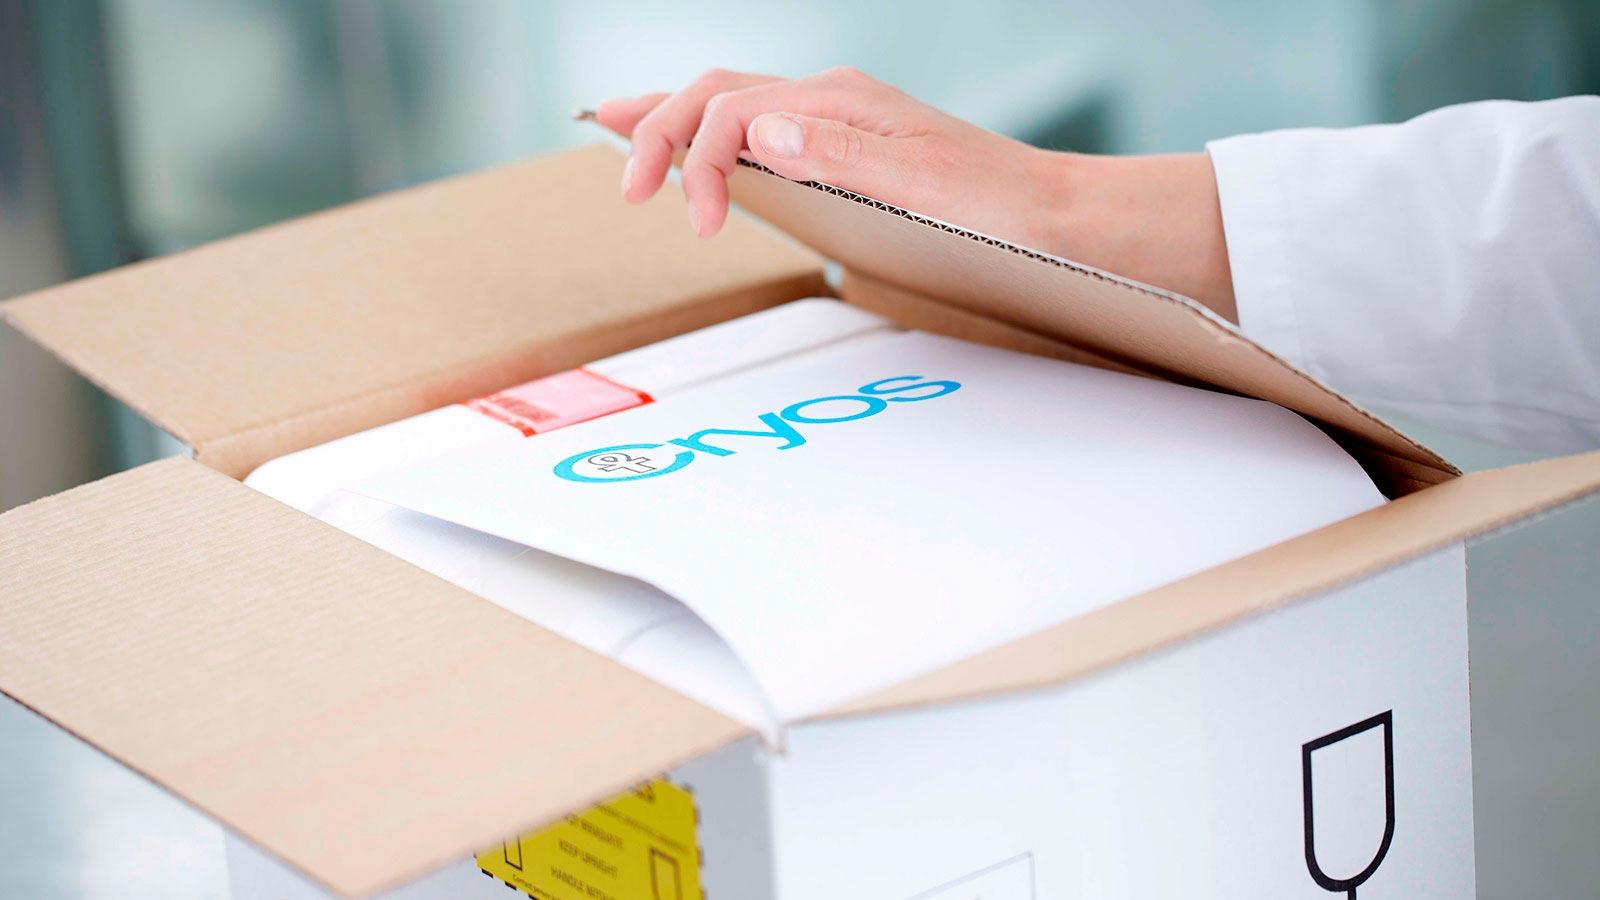 Cryos Mitarbeiterin bereitet Trockeneisbehälter für den Versand von Spendersamen an einen Kunden vor